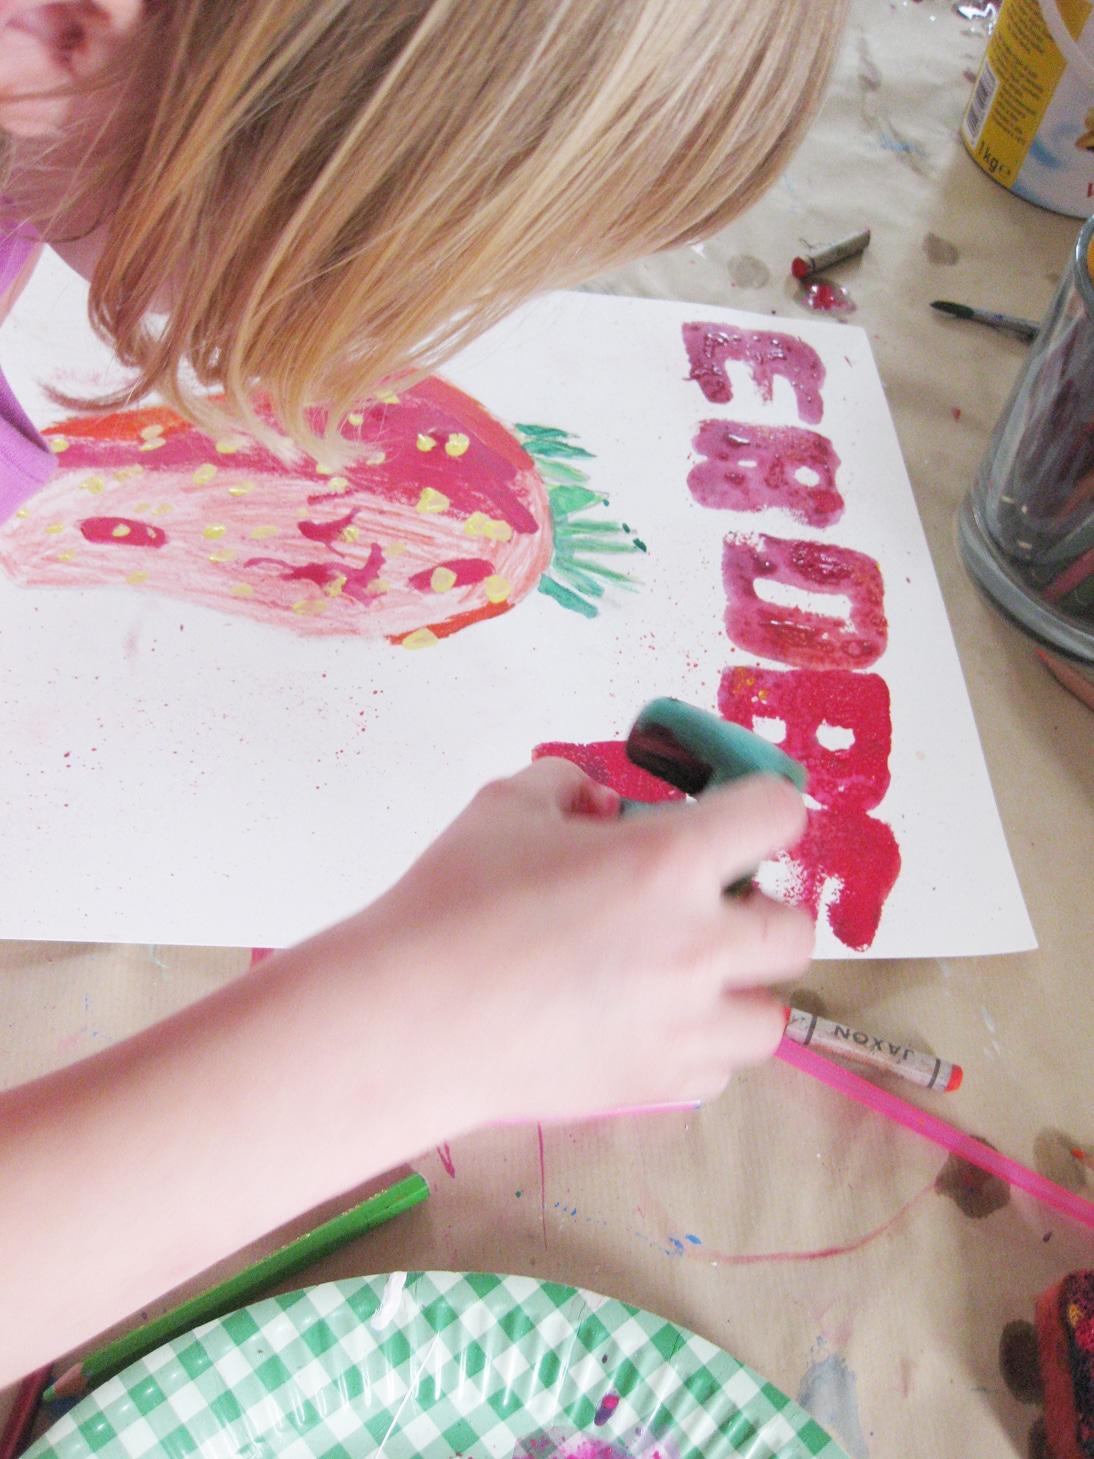 Kurs: Malkurse - Kreativkurse für Kinder in Nievenheim ...